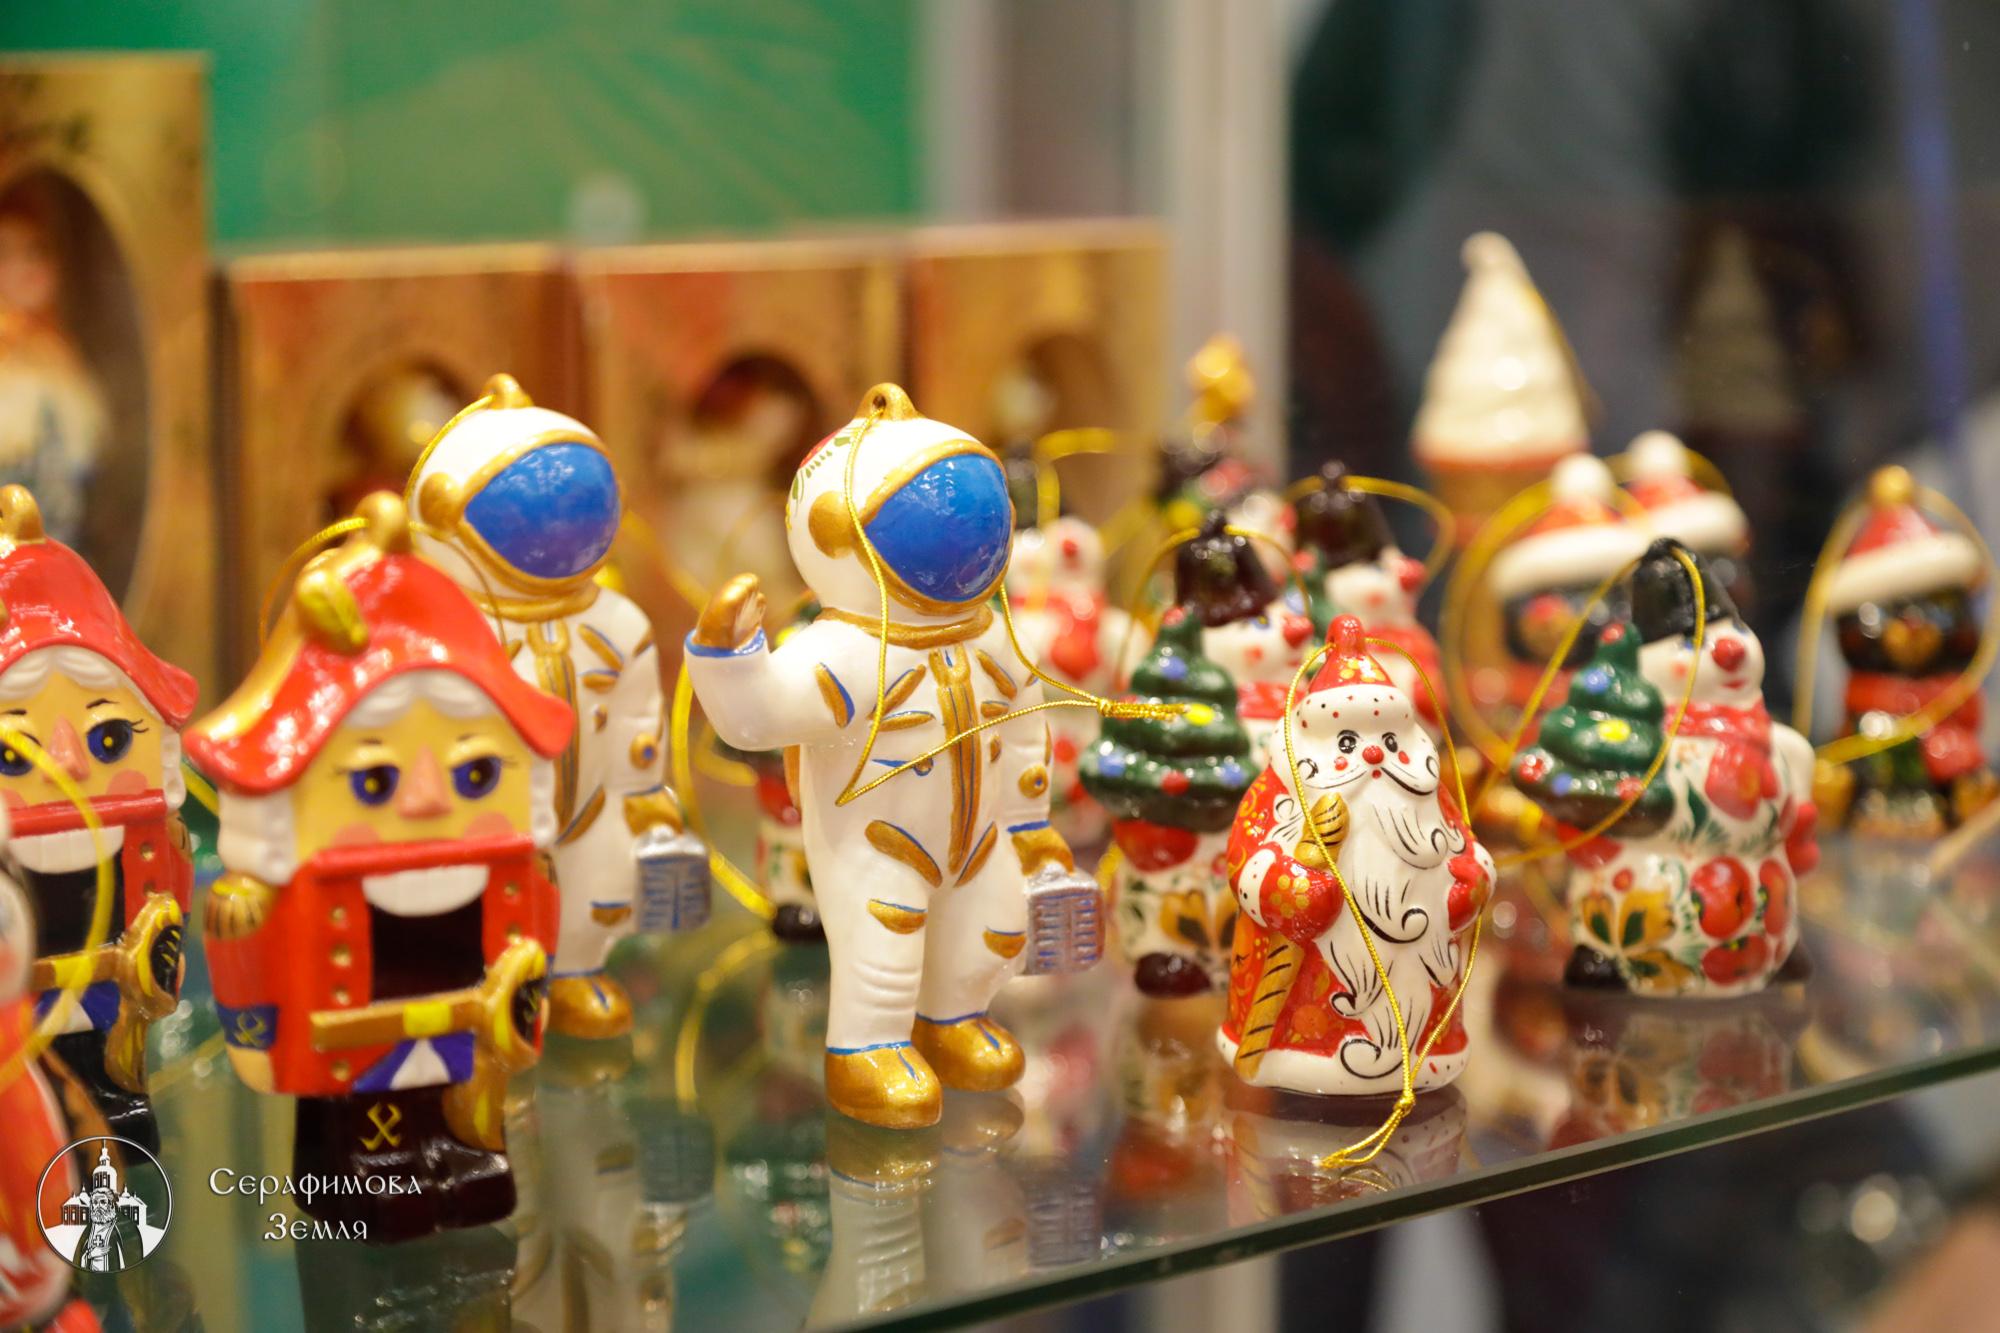 В Нижнем Новгороде проходит традиционный «Рождественский базар»